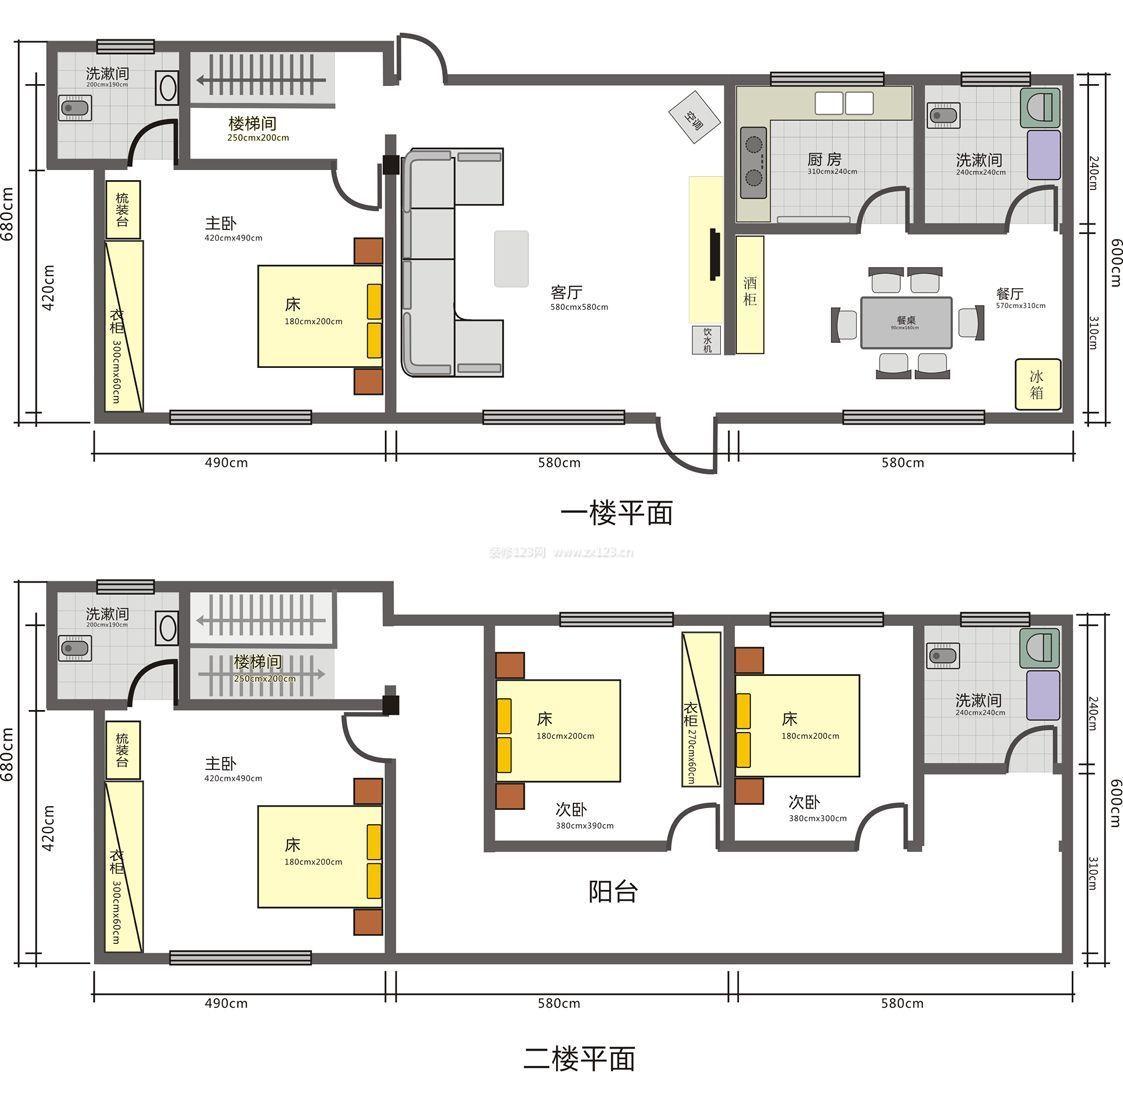 两层别墅室内设计平面图